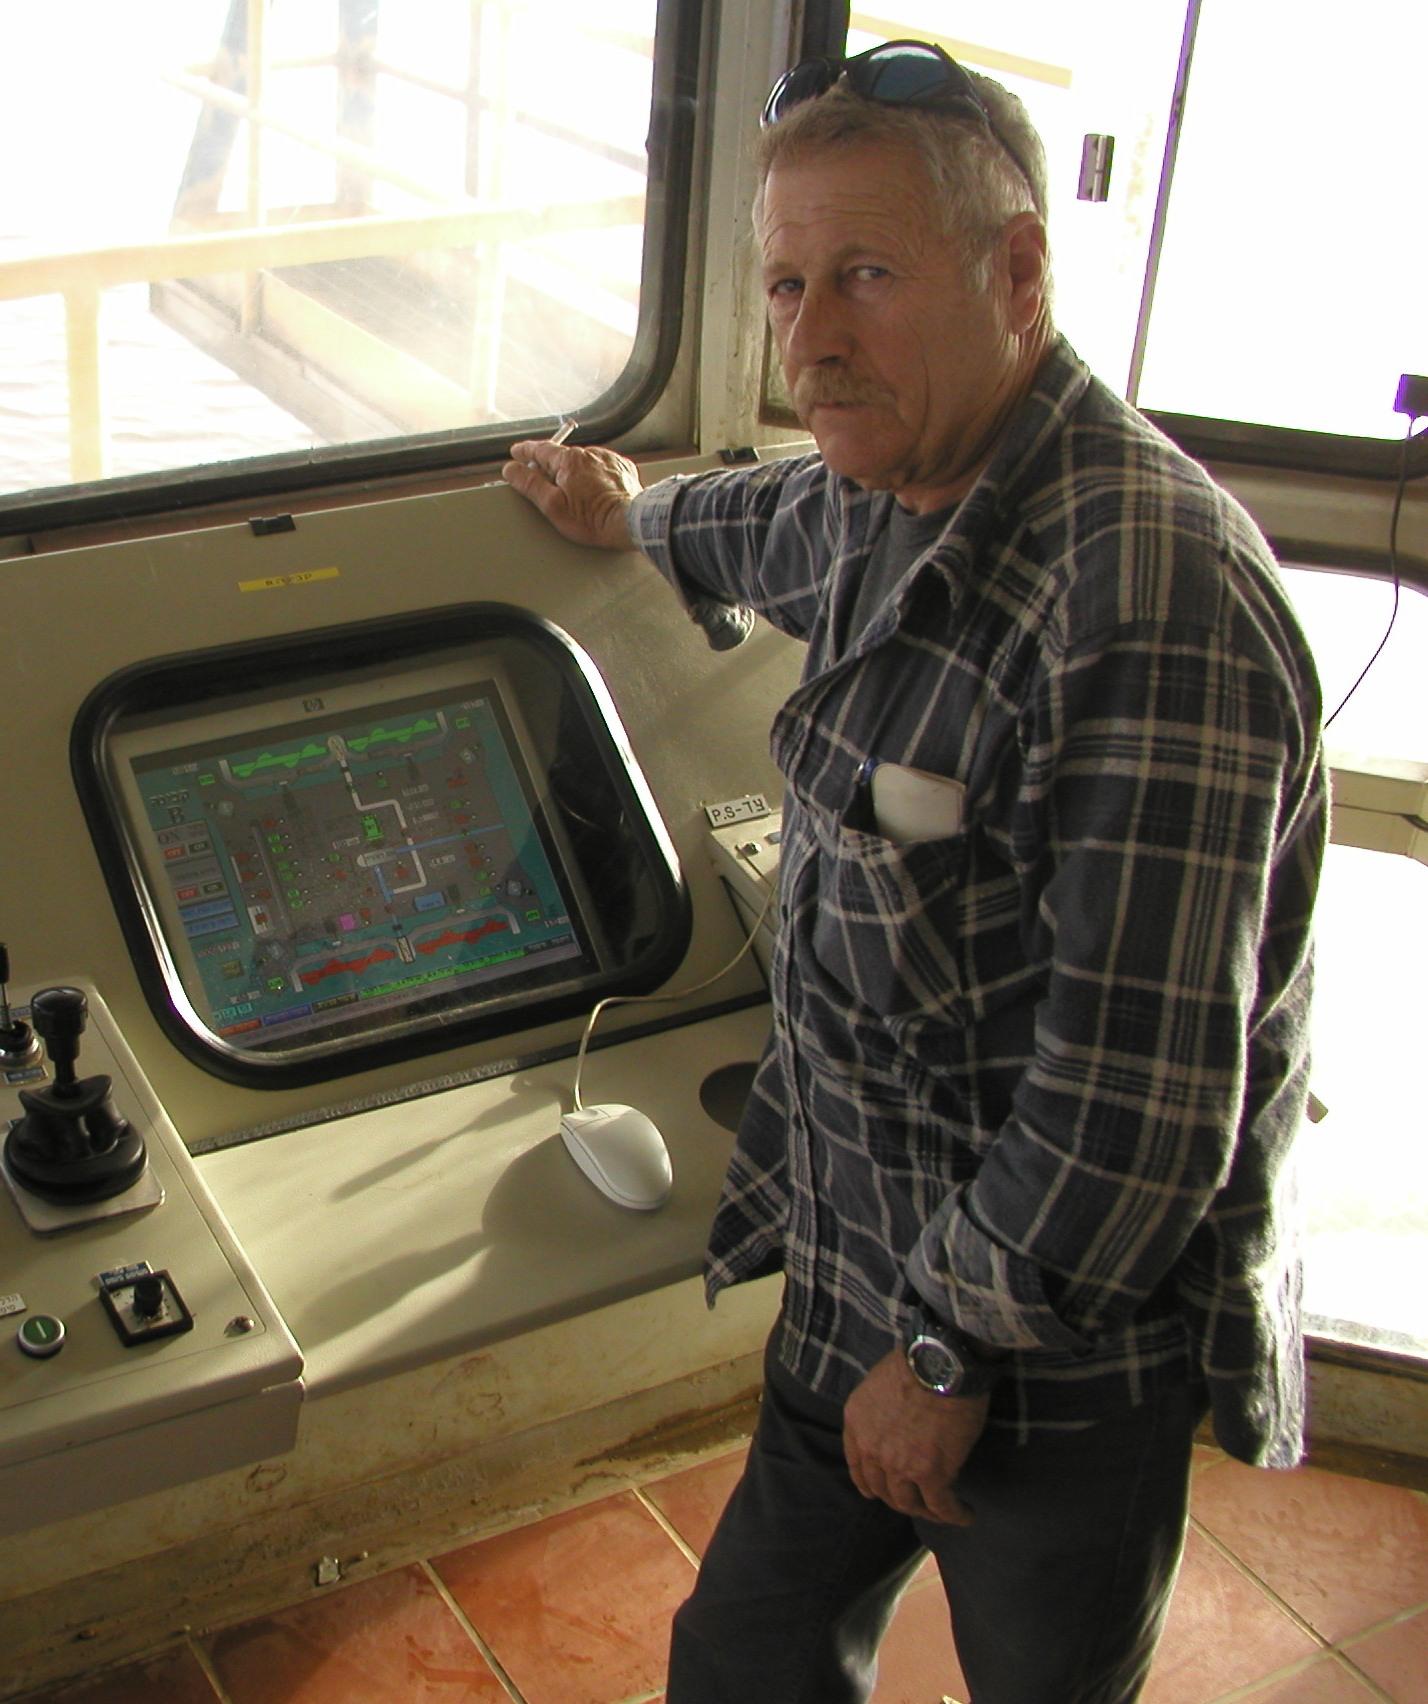 נתן בסר, ראש מחלקת הפעלה במפעל חומר גלם של מפעלי ים המלח